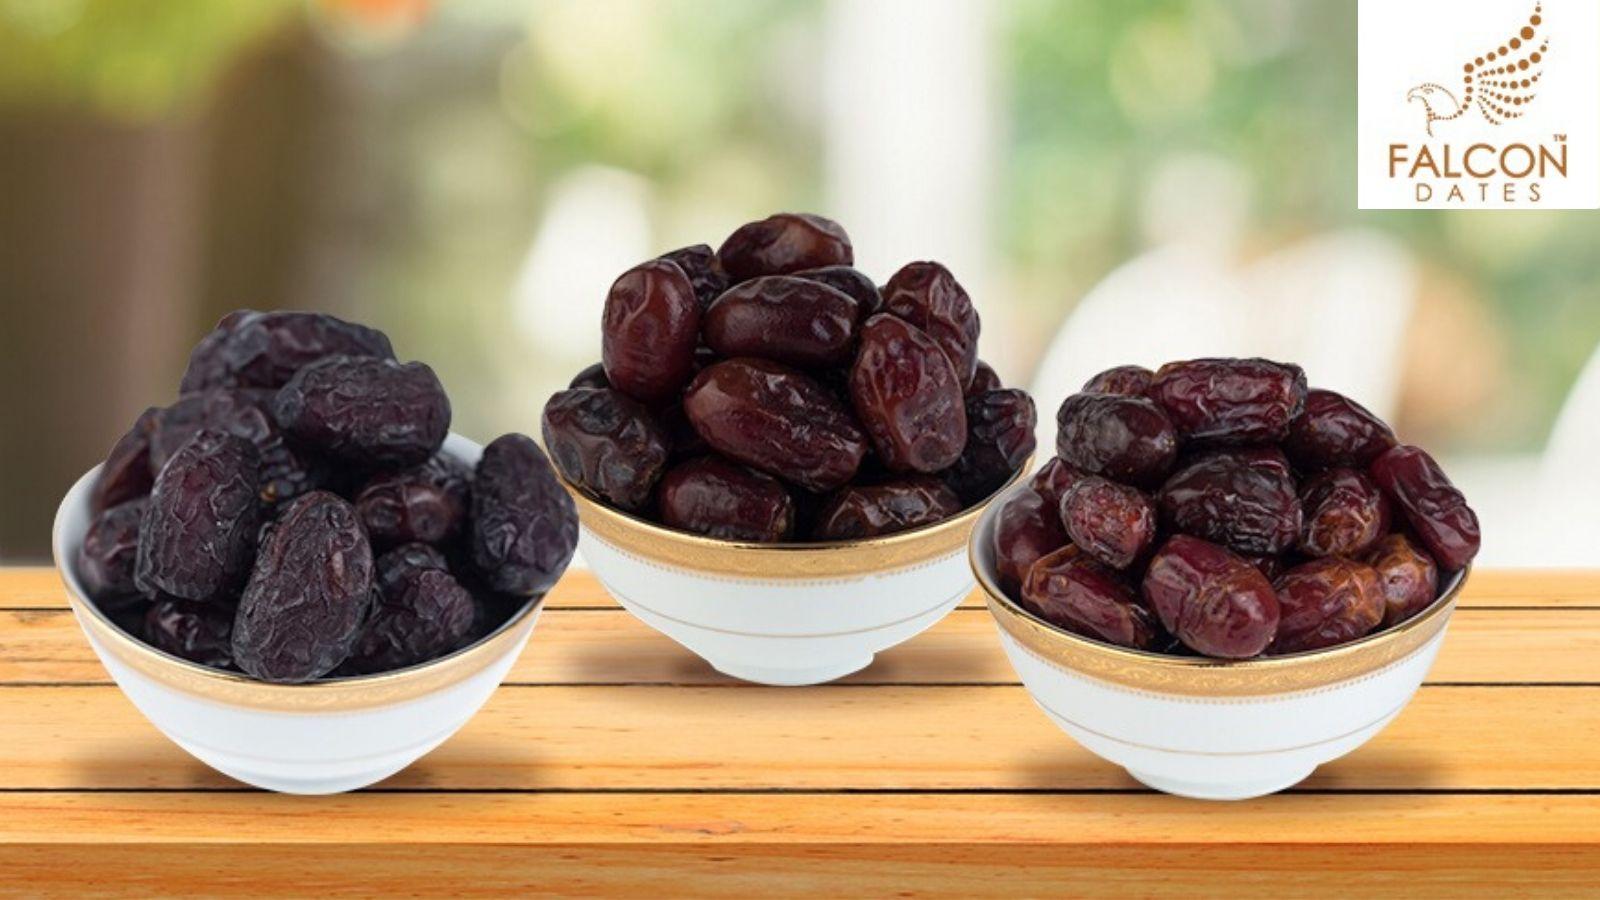 dates-a-divine-fruit